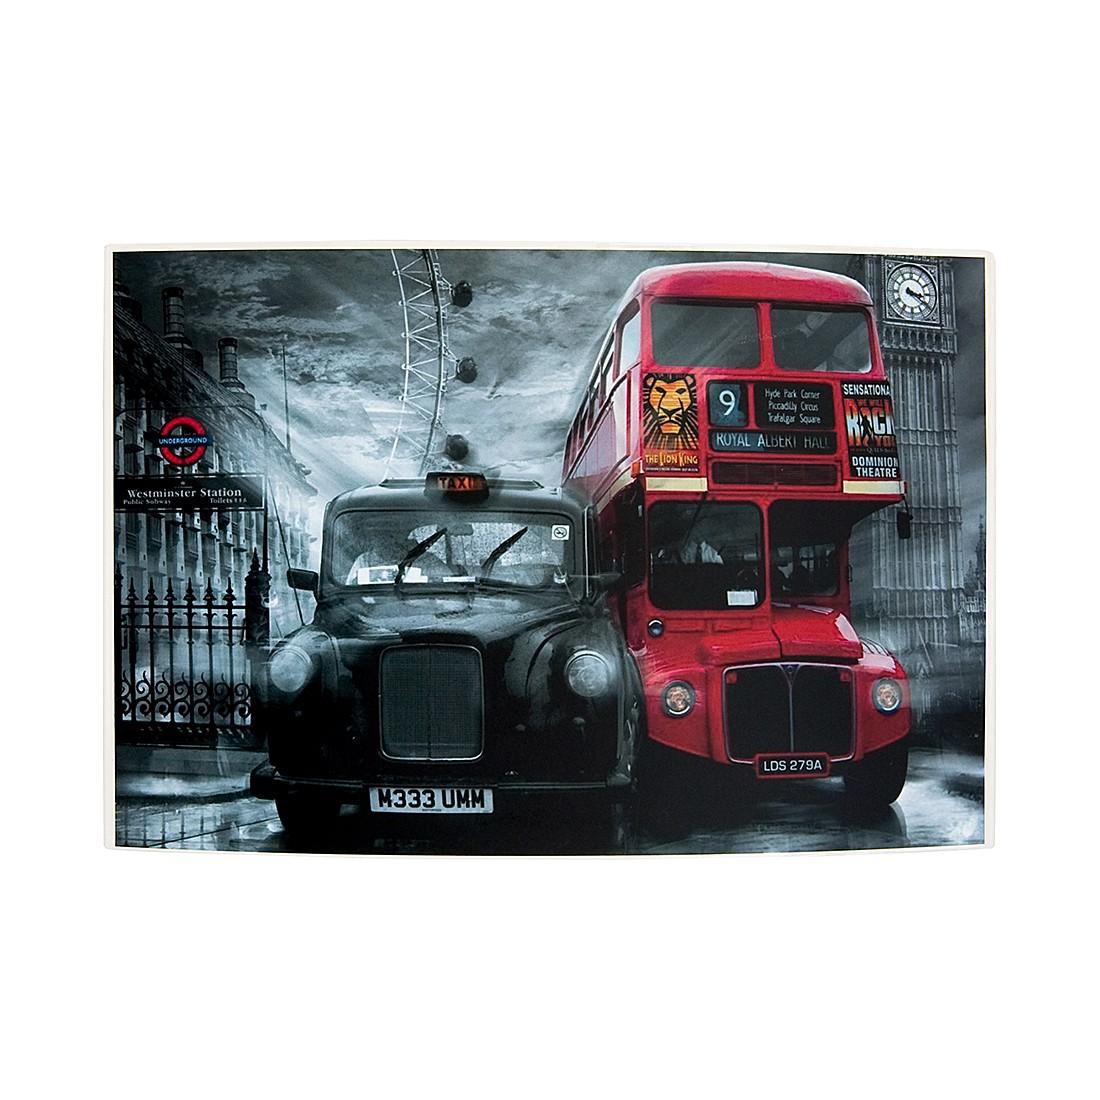 Schluesselkasten City London